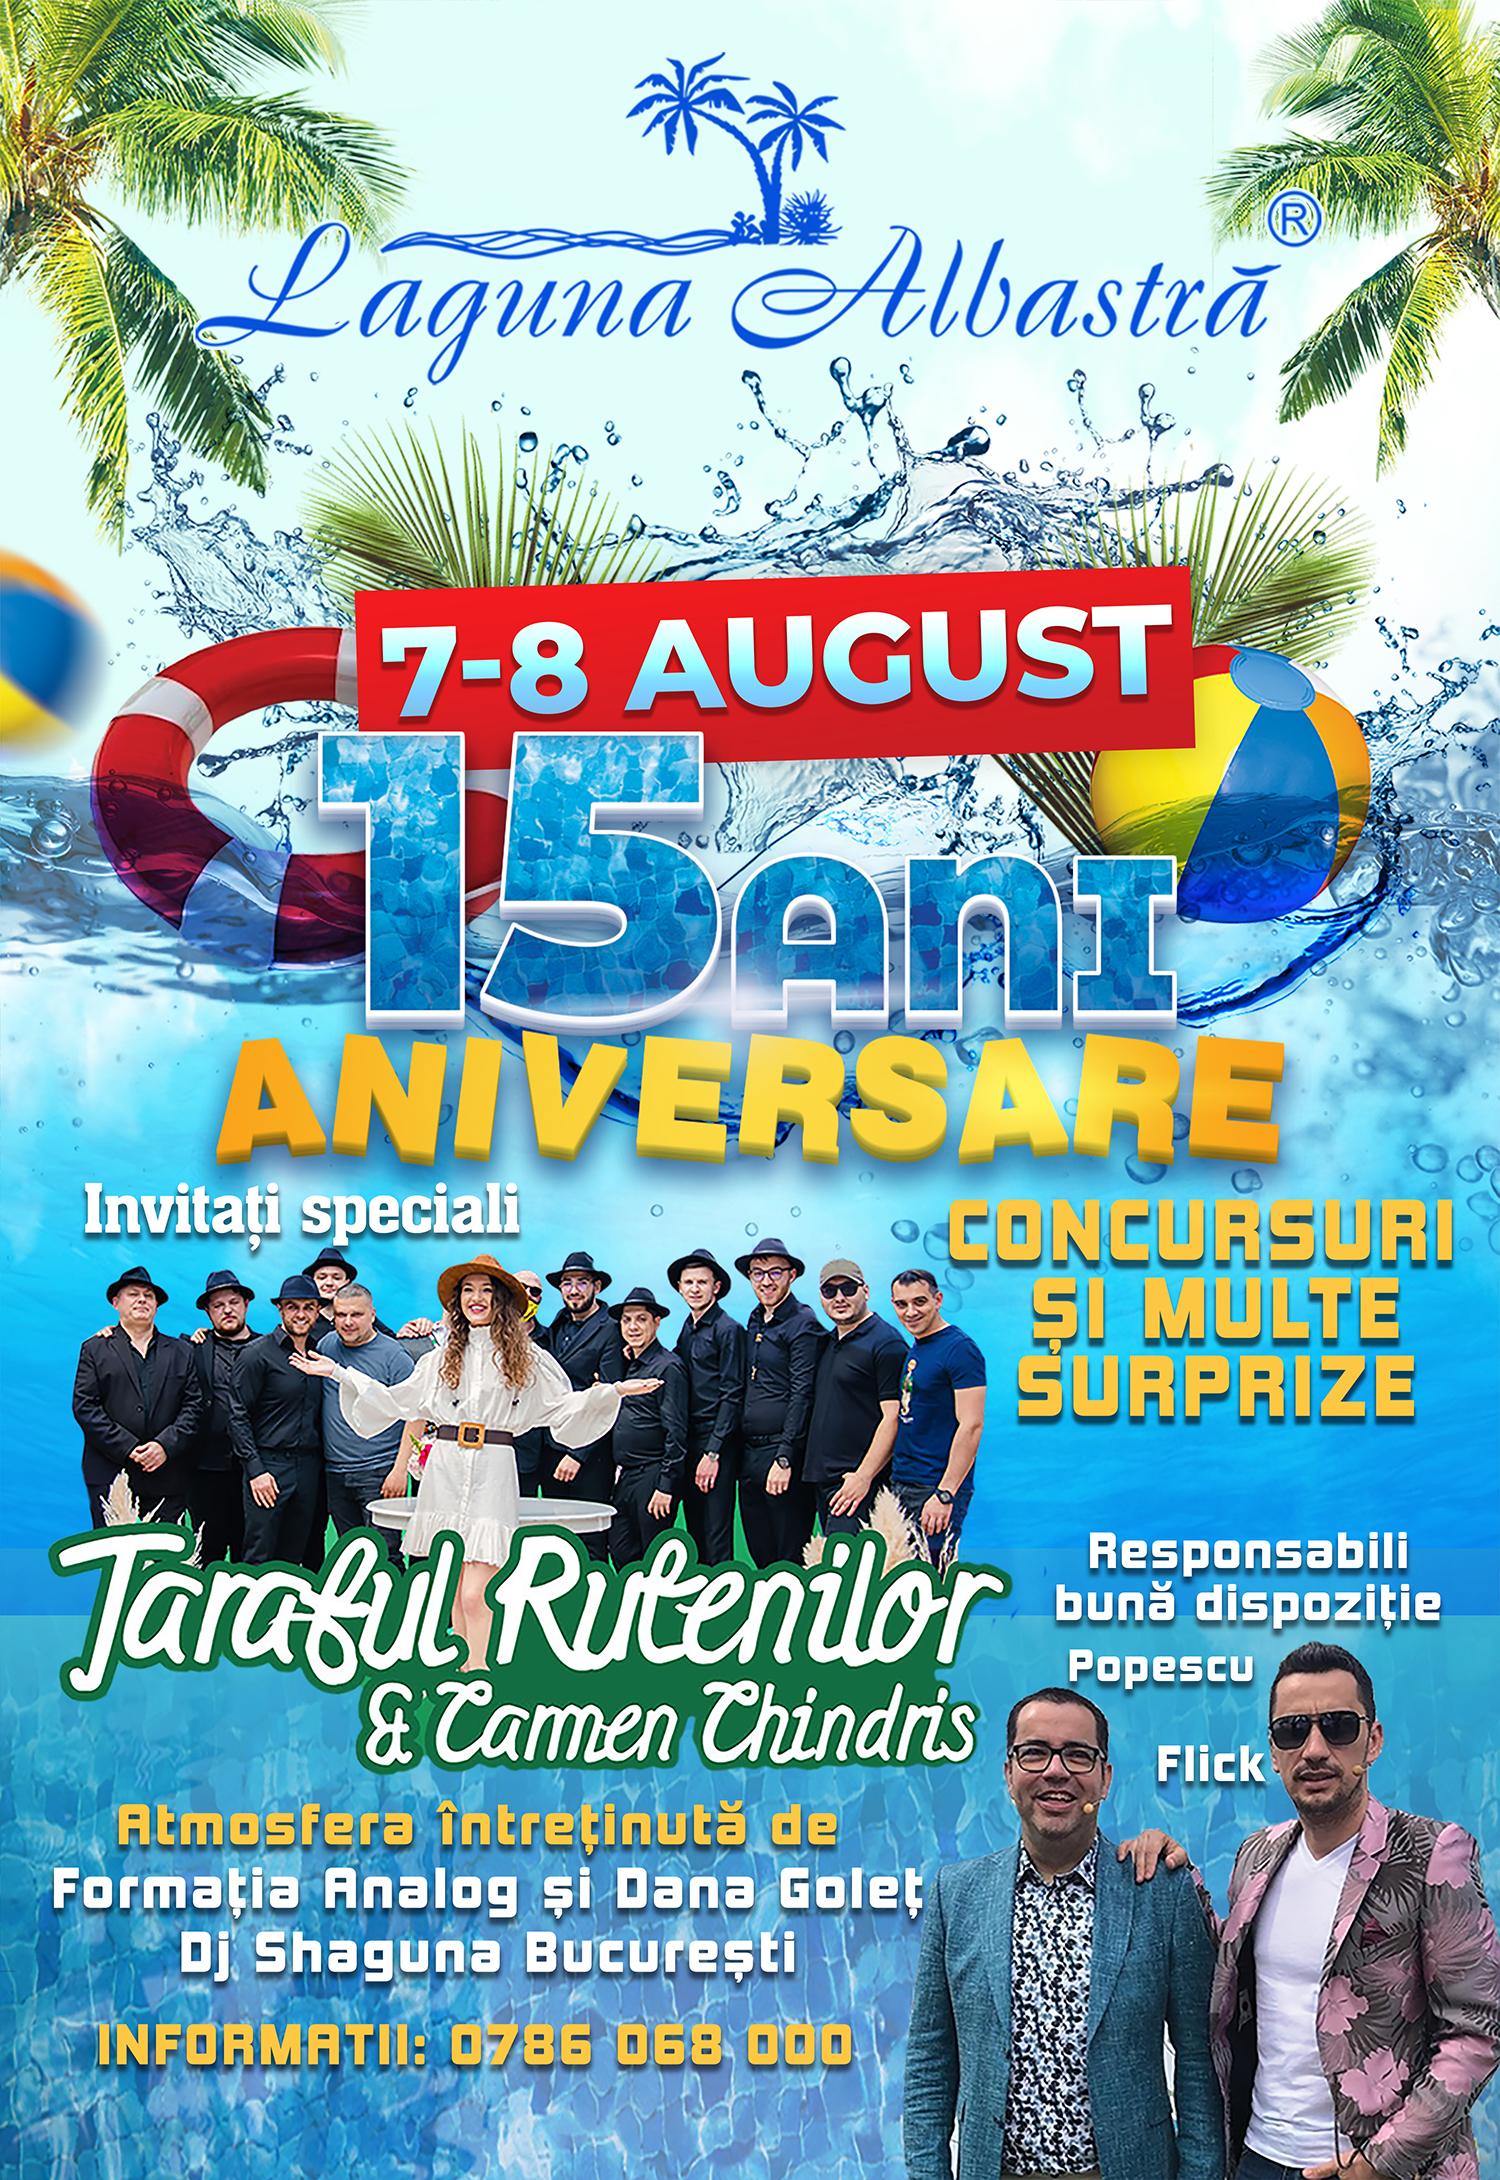 Super party 15 ani Aniversare - 7-8 August 2021